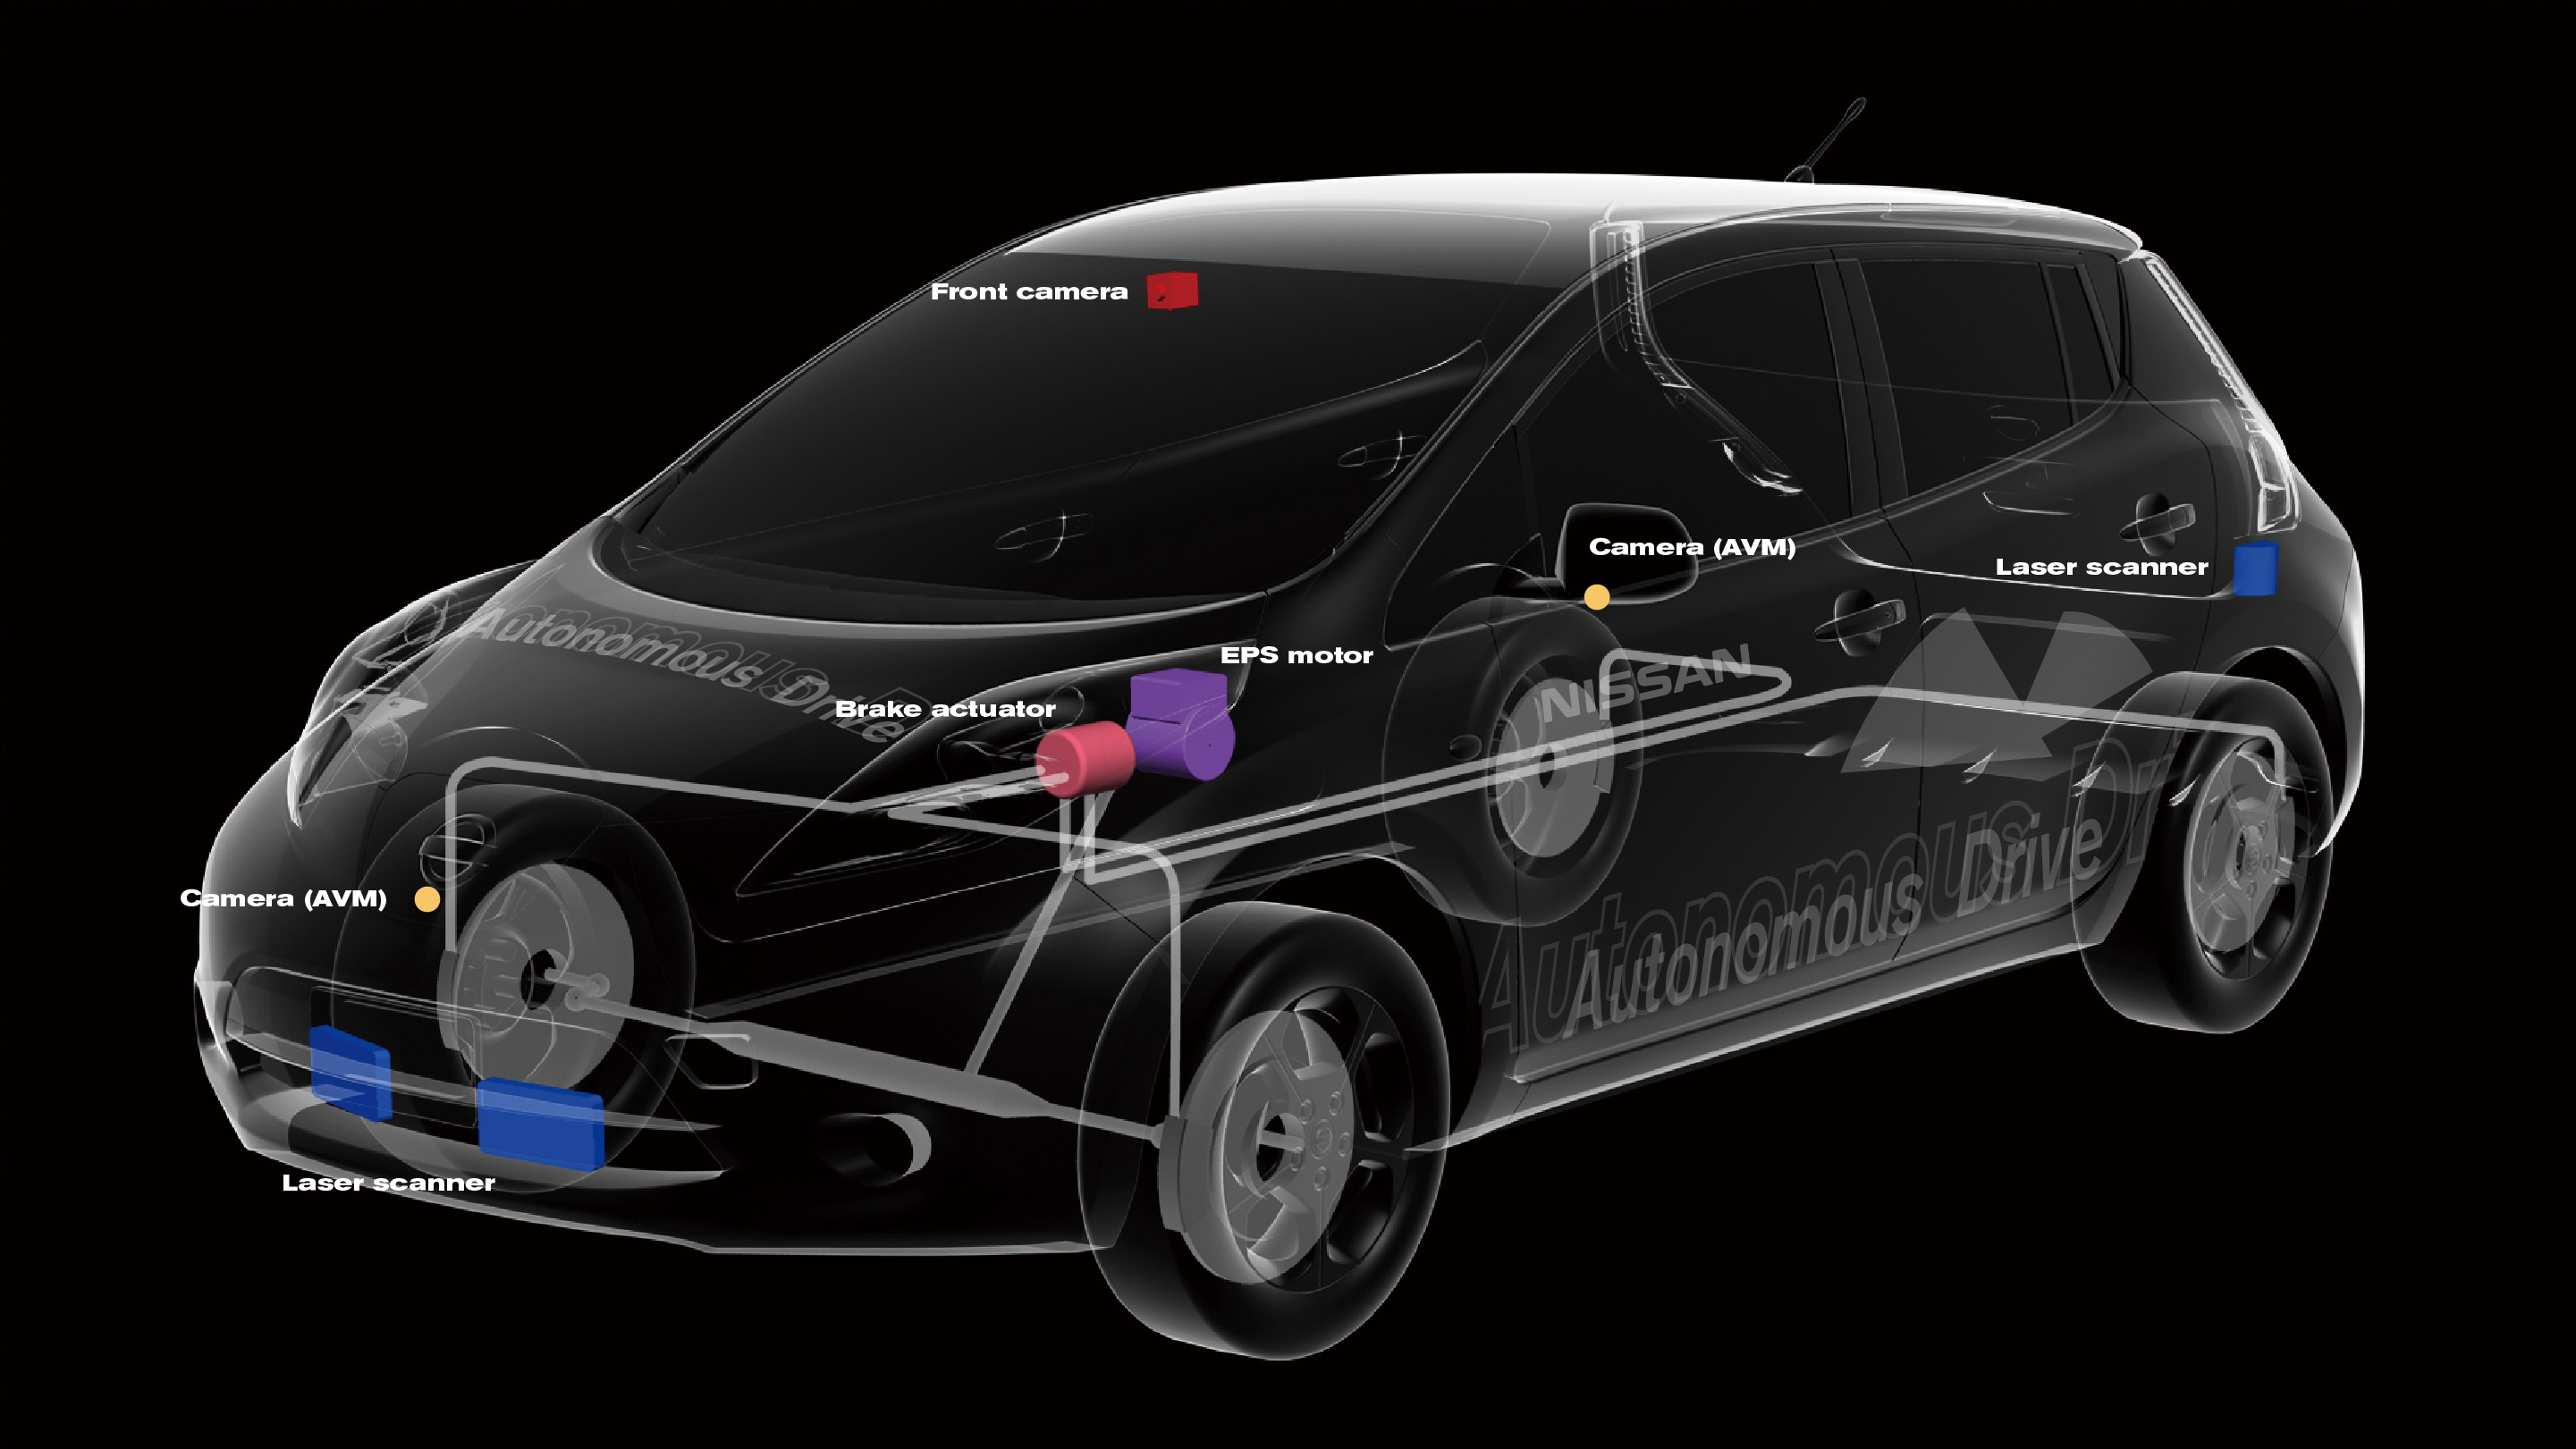 Nissan Leaf autonomous car technologies